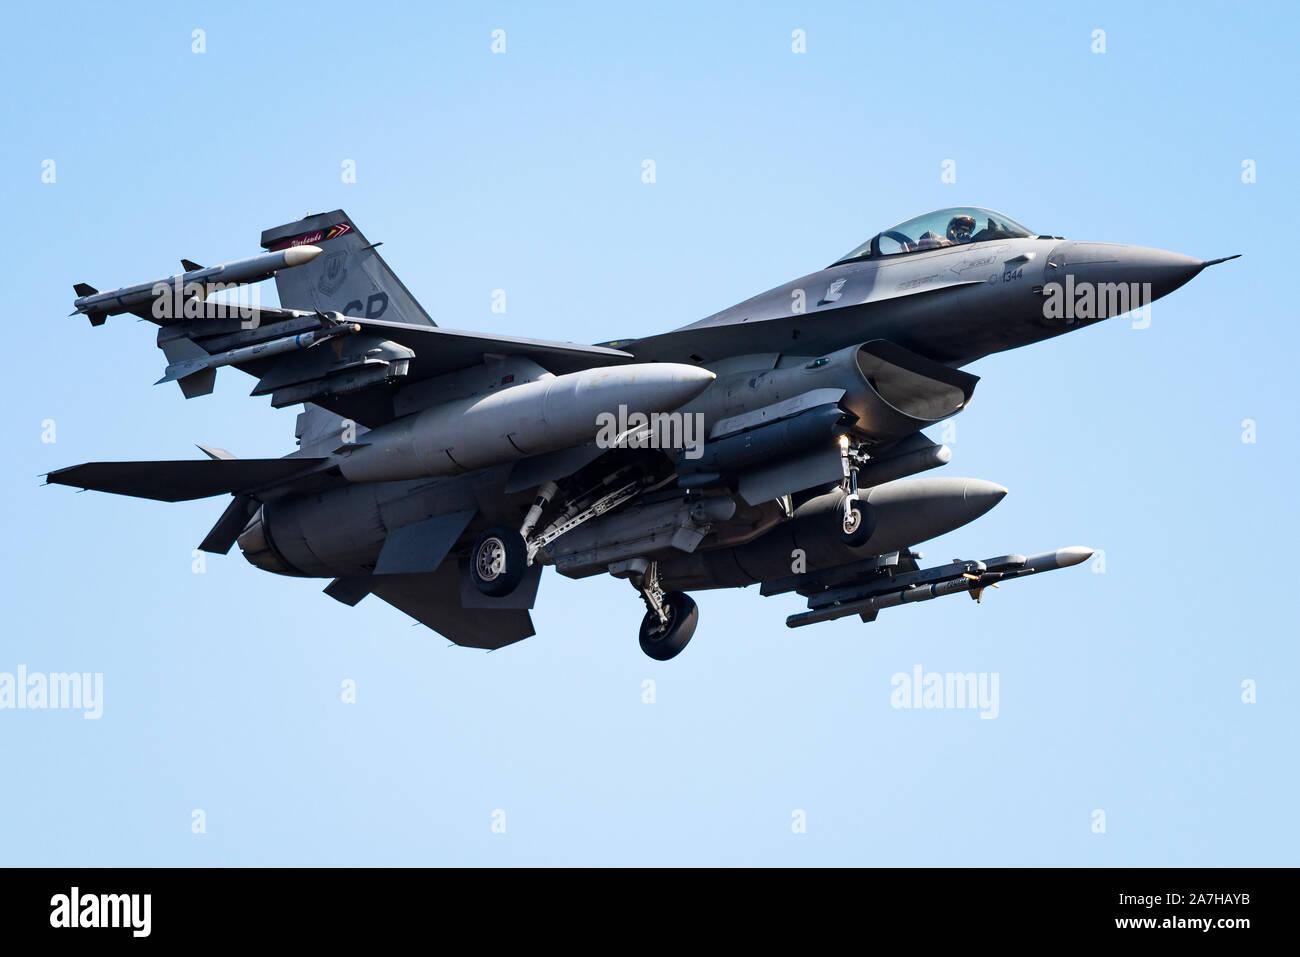 Un F-16 Fighting Falcon fighter jet du 480e Escadron de chasse à la base aérienne de Spangdahlem, en Allemagne. Banque D'Images